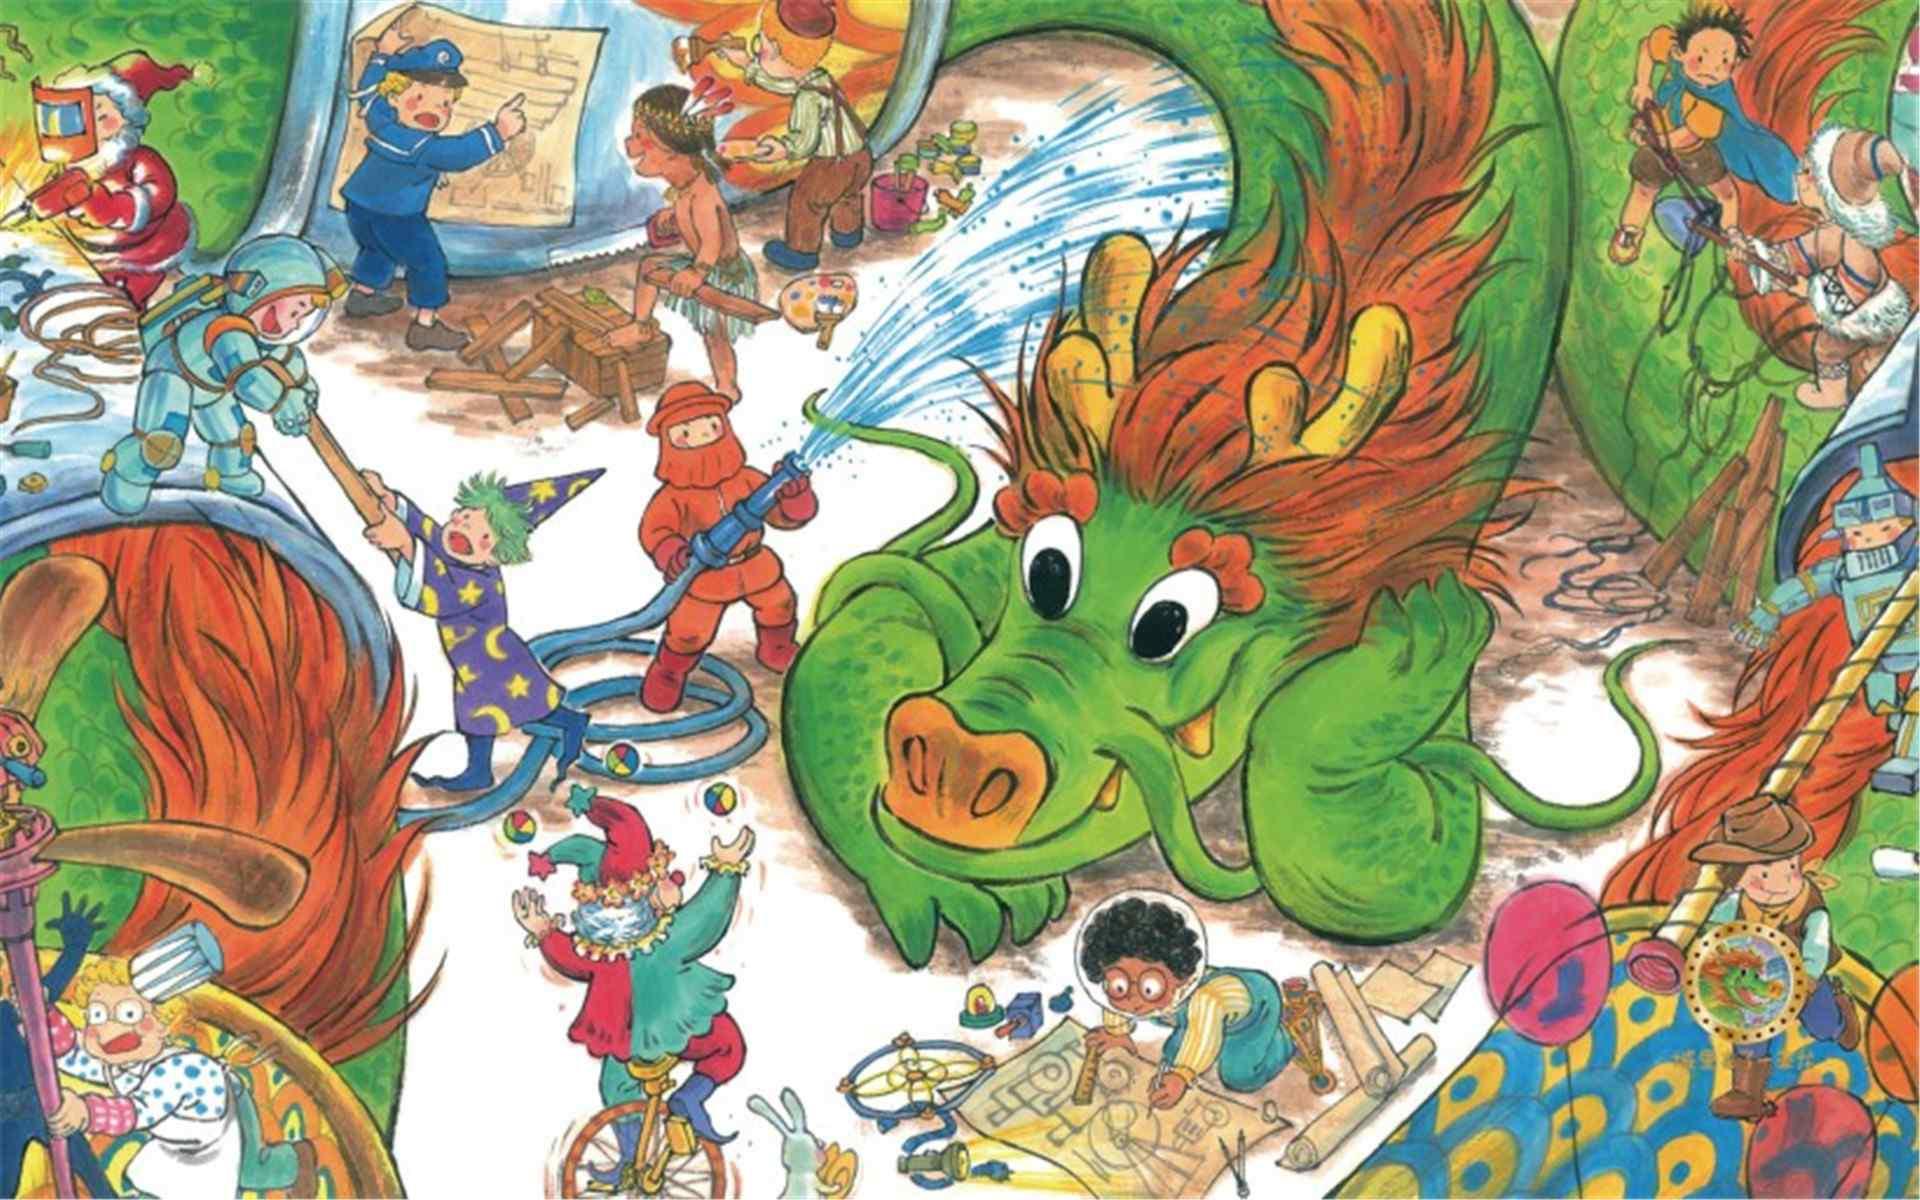 可爱儿童画《城里来了一条龙》桌面壁纸